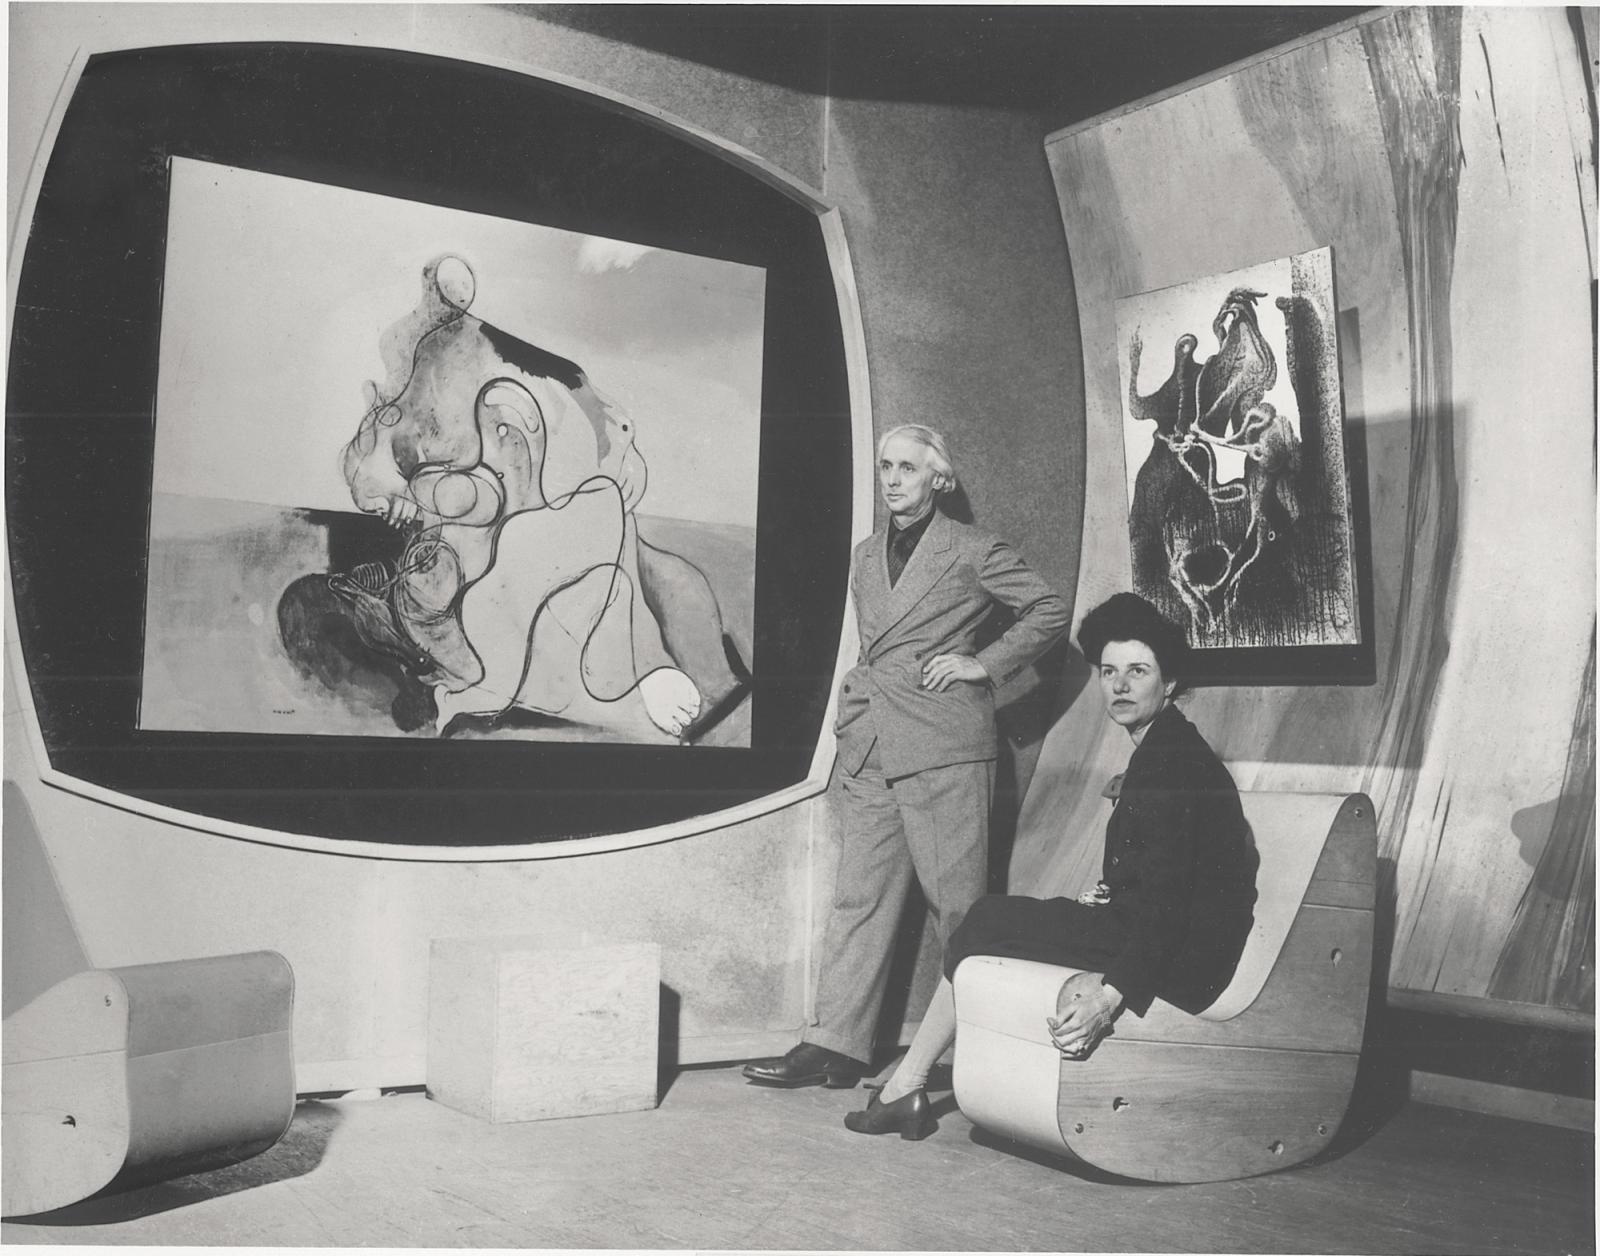 Peggy Guggenheim et Max Ernst dans la galerie surréaliste, Art of This Century, New York, vers 1942. De gauche à droite: Le Baiser  (1927, Peggy Gugg